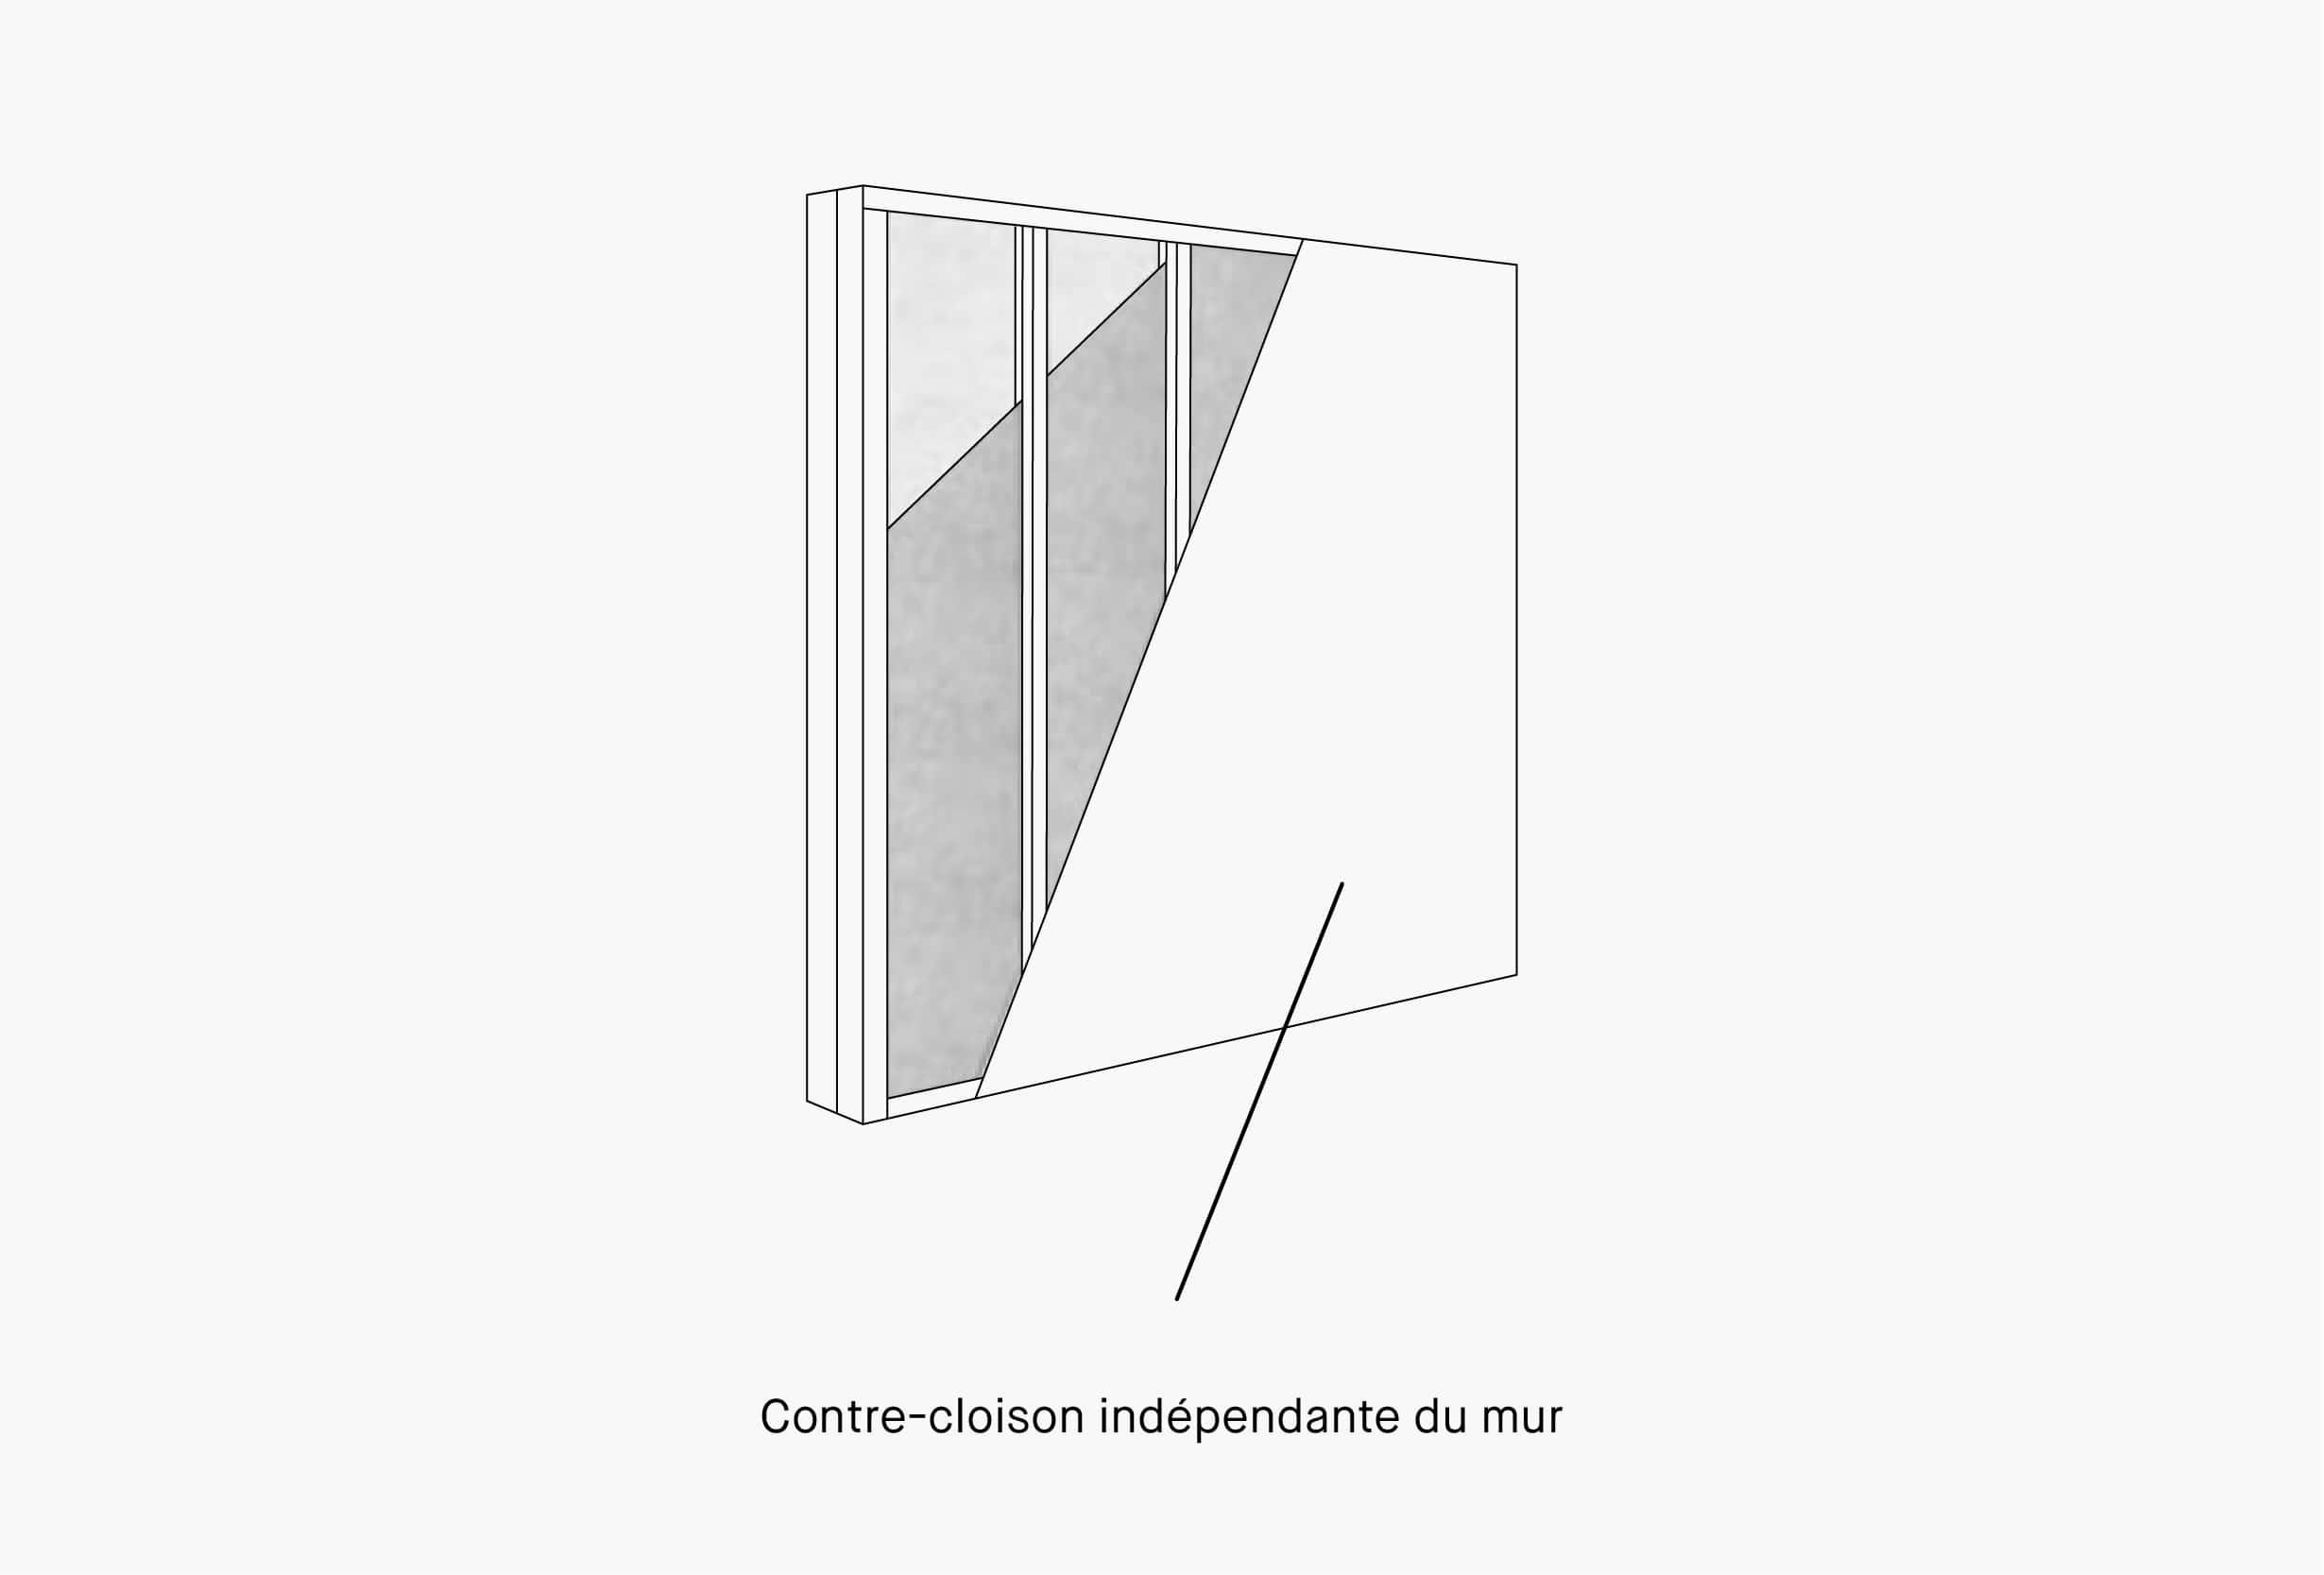 Comment Isoler Un Plafond Contre Le Bruit les travaux à mener si vous êtes gênés par des bruits